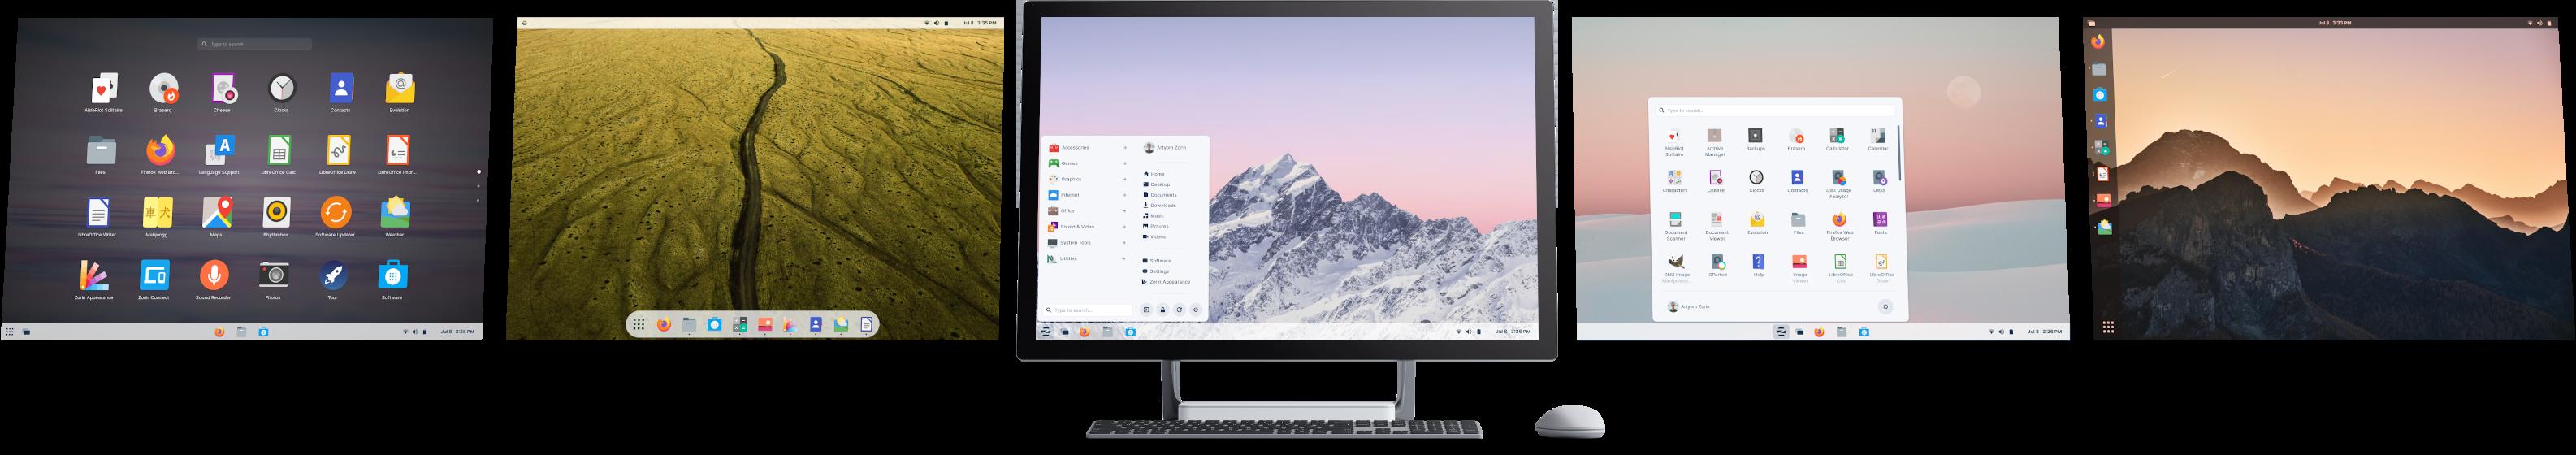 Computer displaying 5 desktop layouts